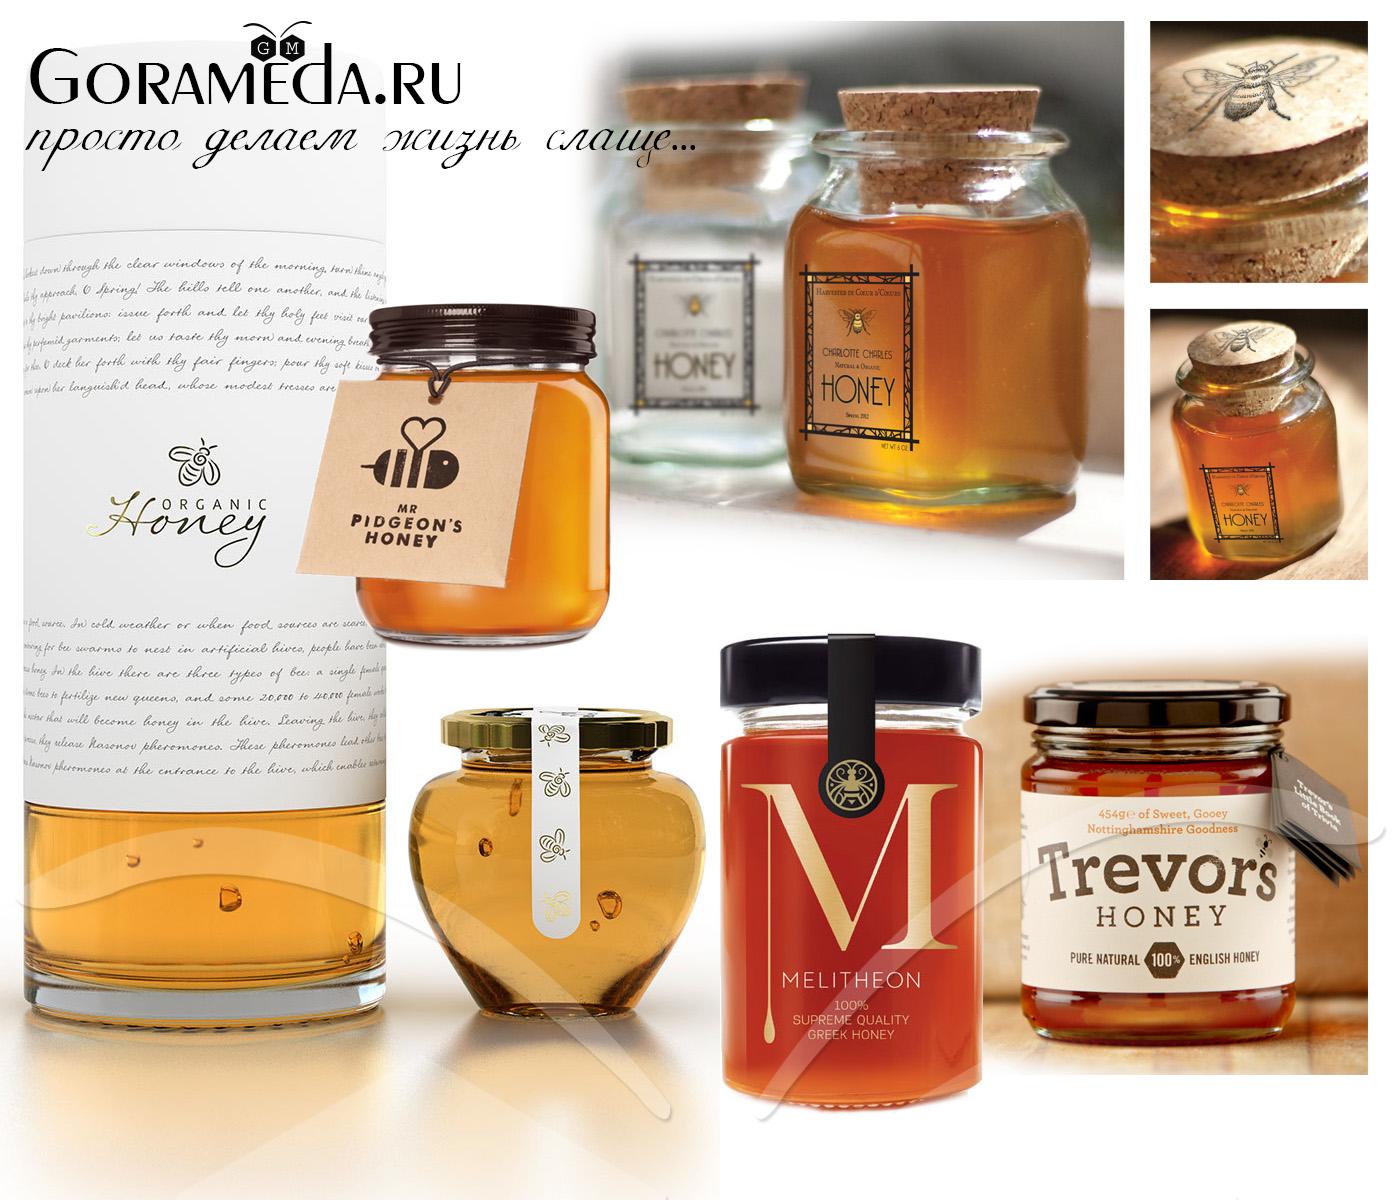 дизайн упаковки мёда пример западных коллег